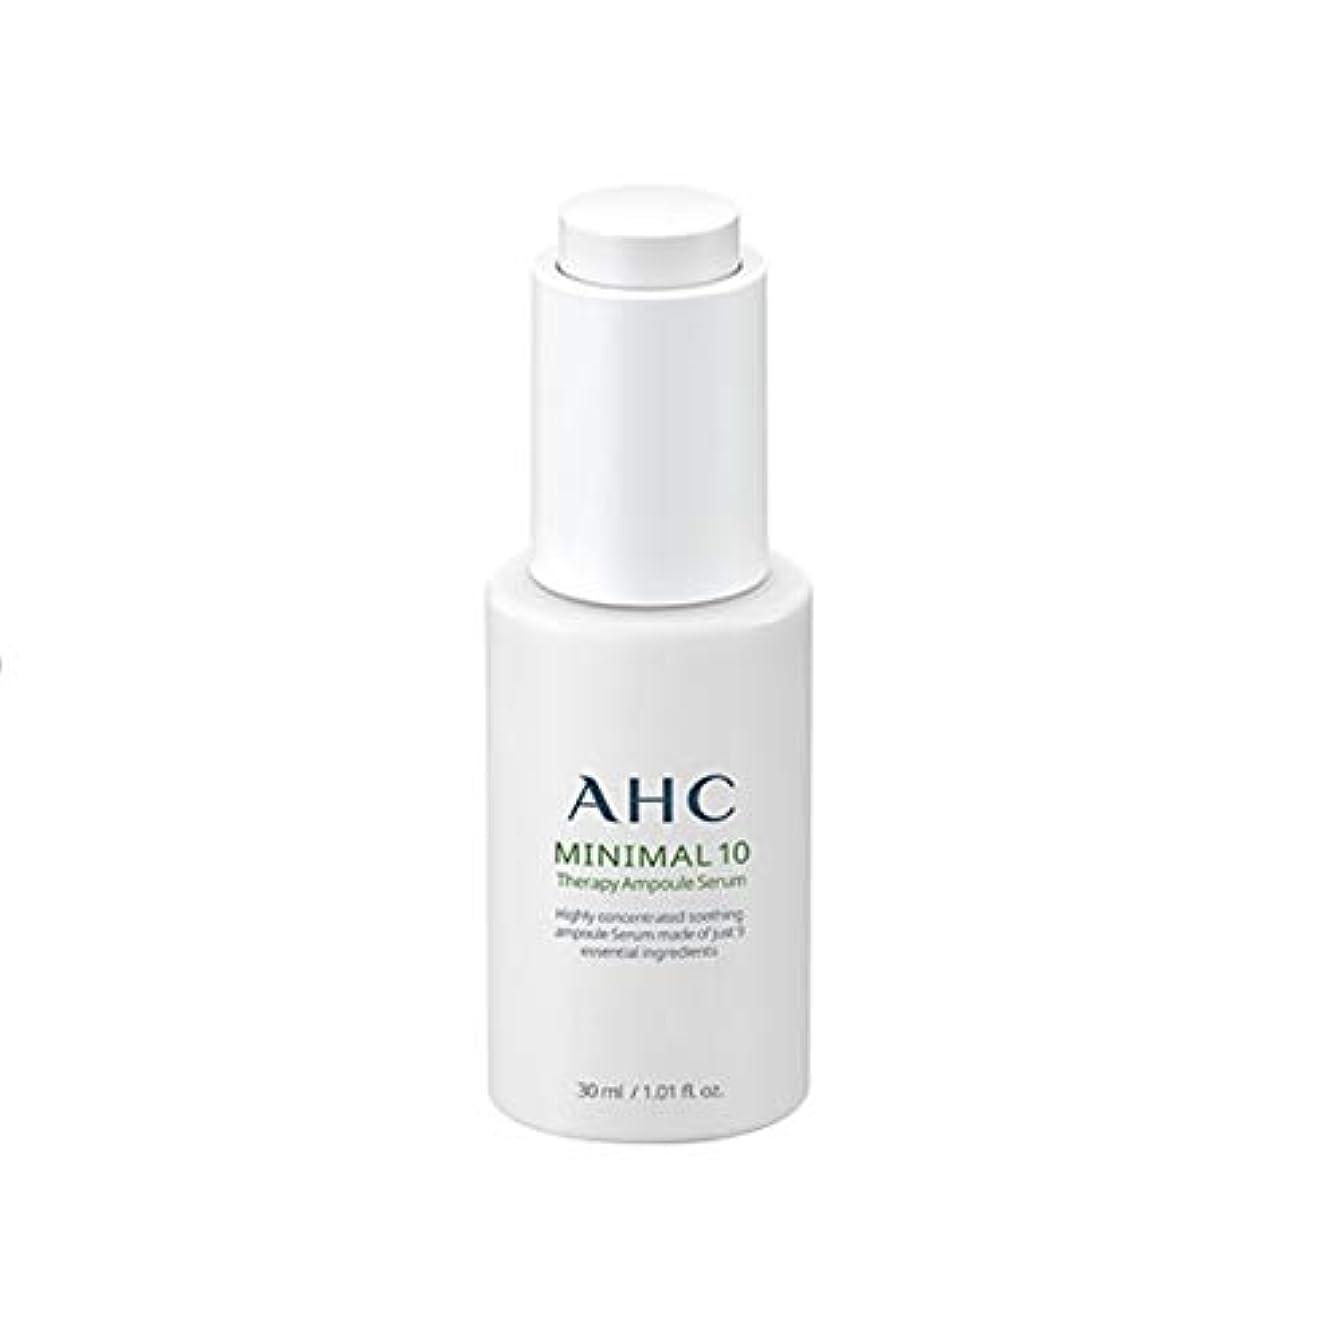 同情的つかまえる可決AHC ミニマル 10 テラピーアンプルセラム 30ml / AHC MINIMAL 10 THERAPY AMPOULE SERUM 30ml [並行輸入品]